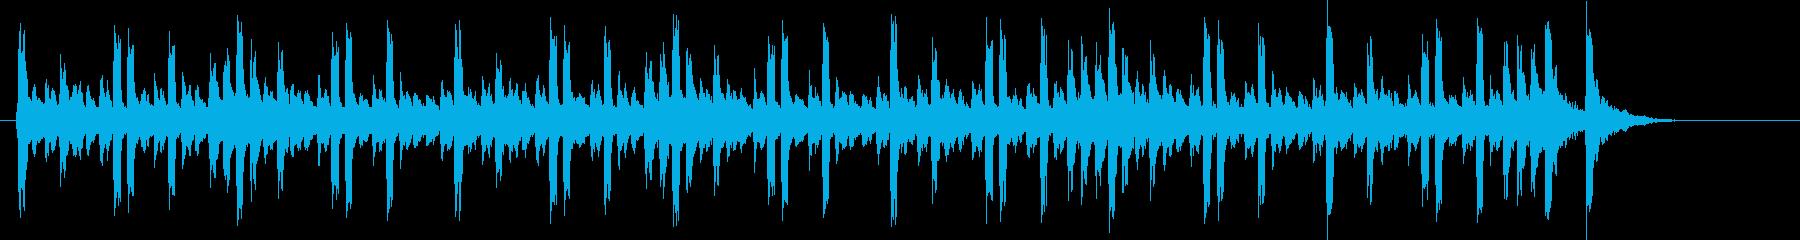 メローで緩やかなシンセポップジングルの再生済みの波形